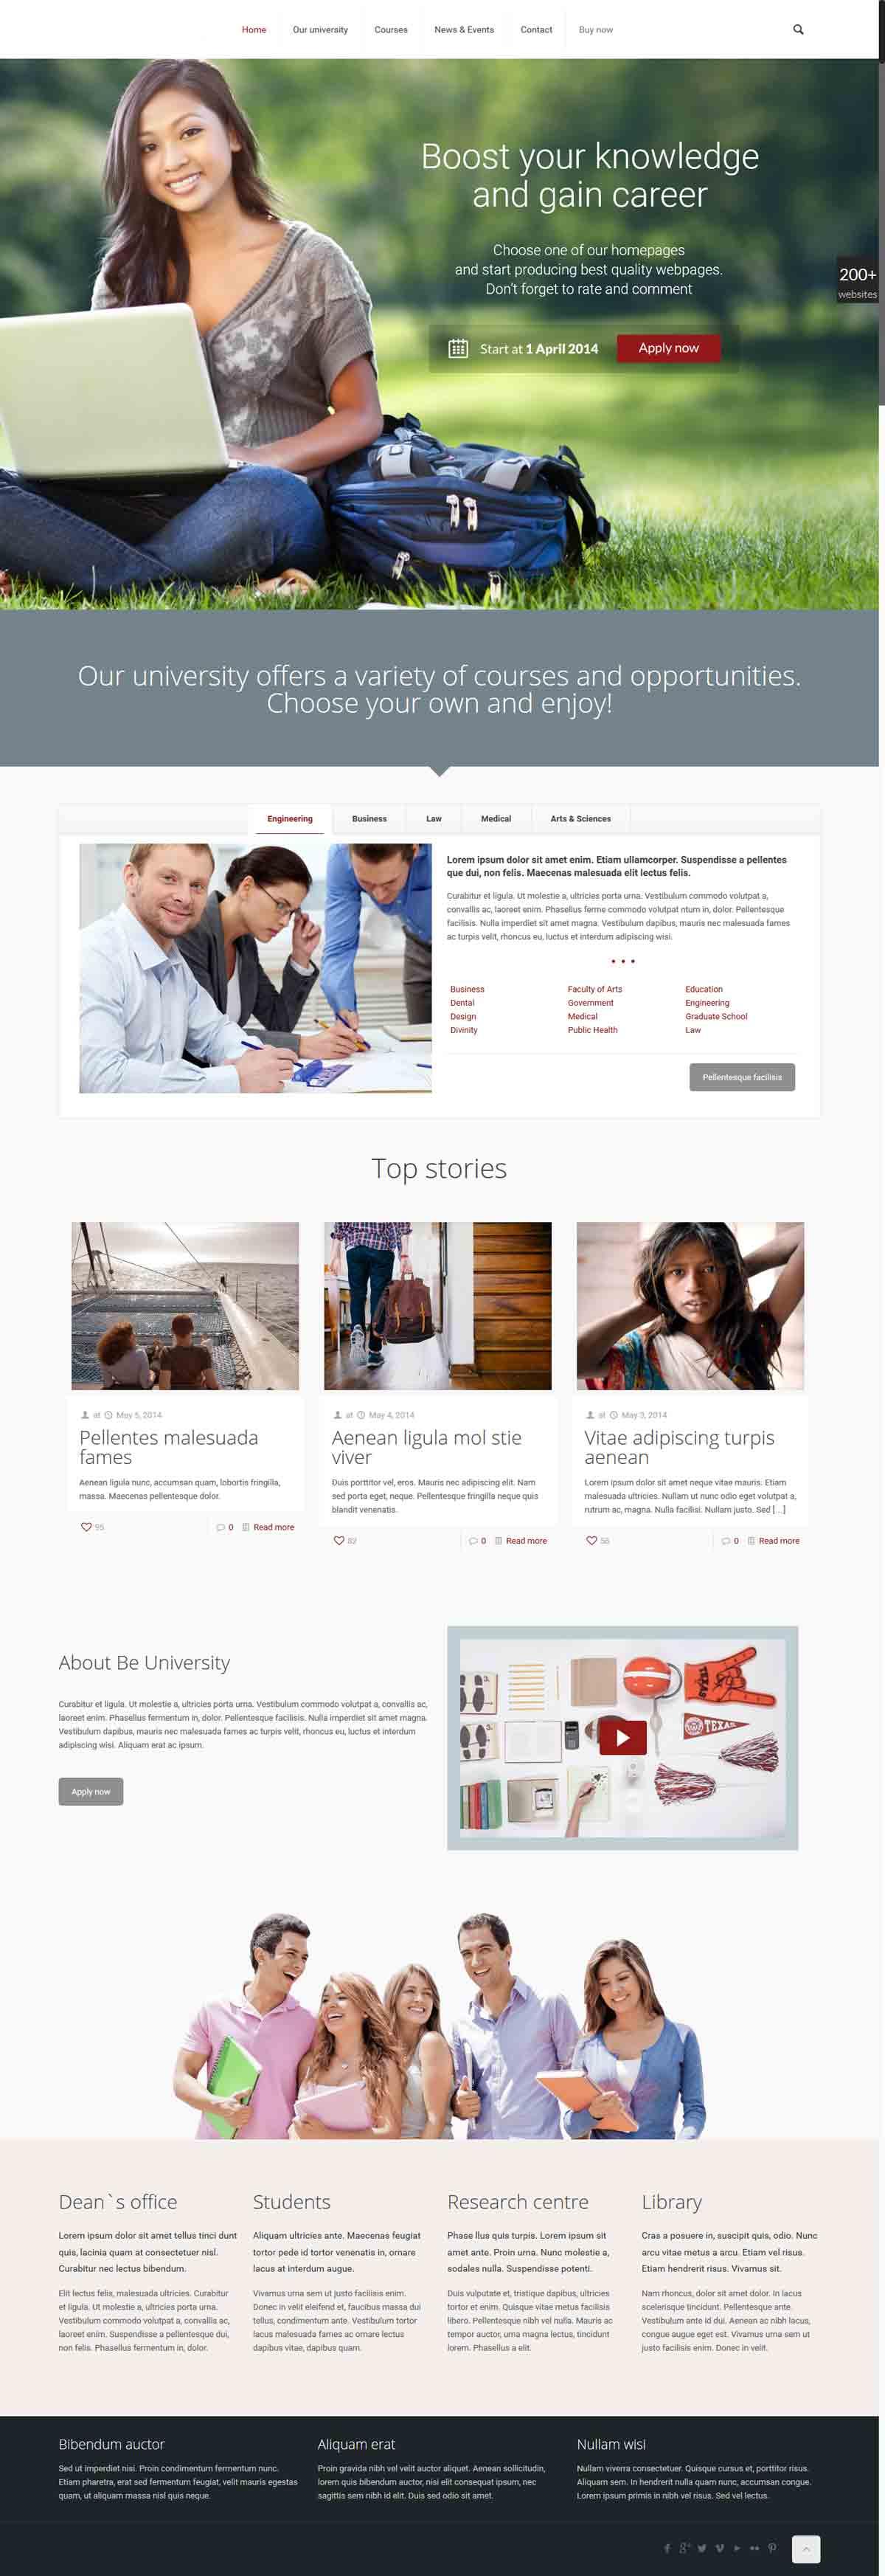 طراحی وب سایت دانشگاهی ارزان